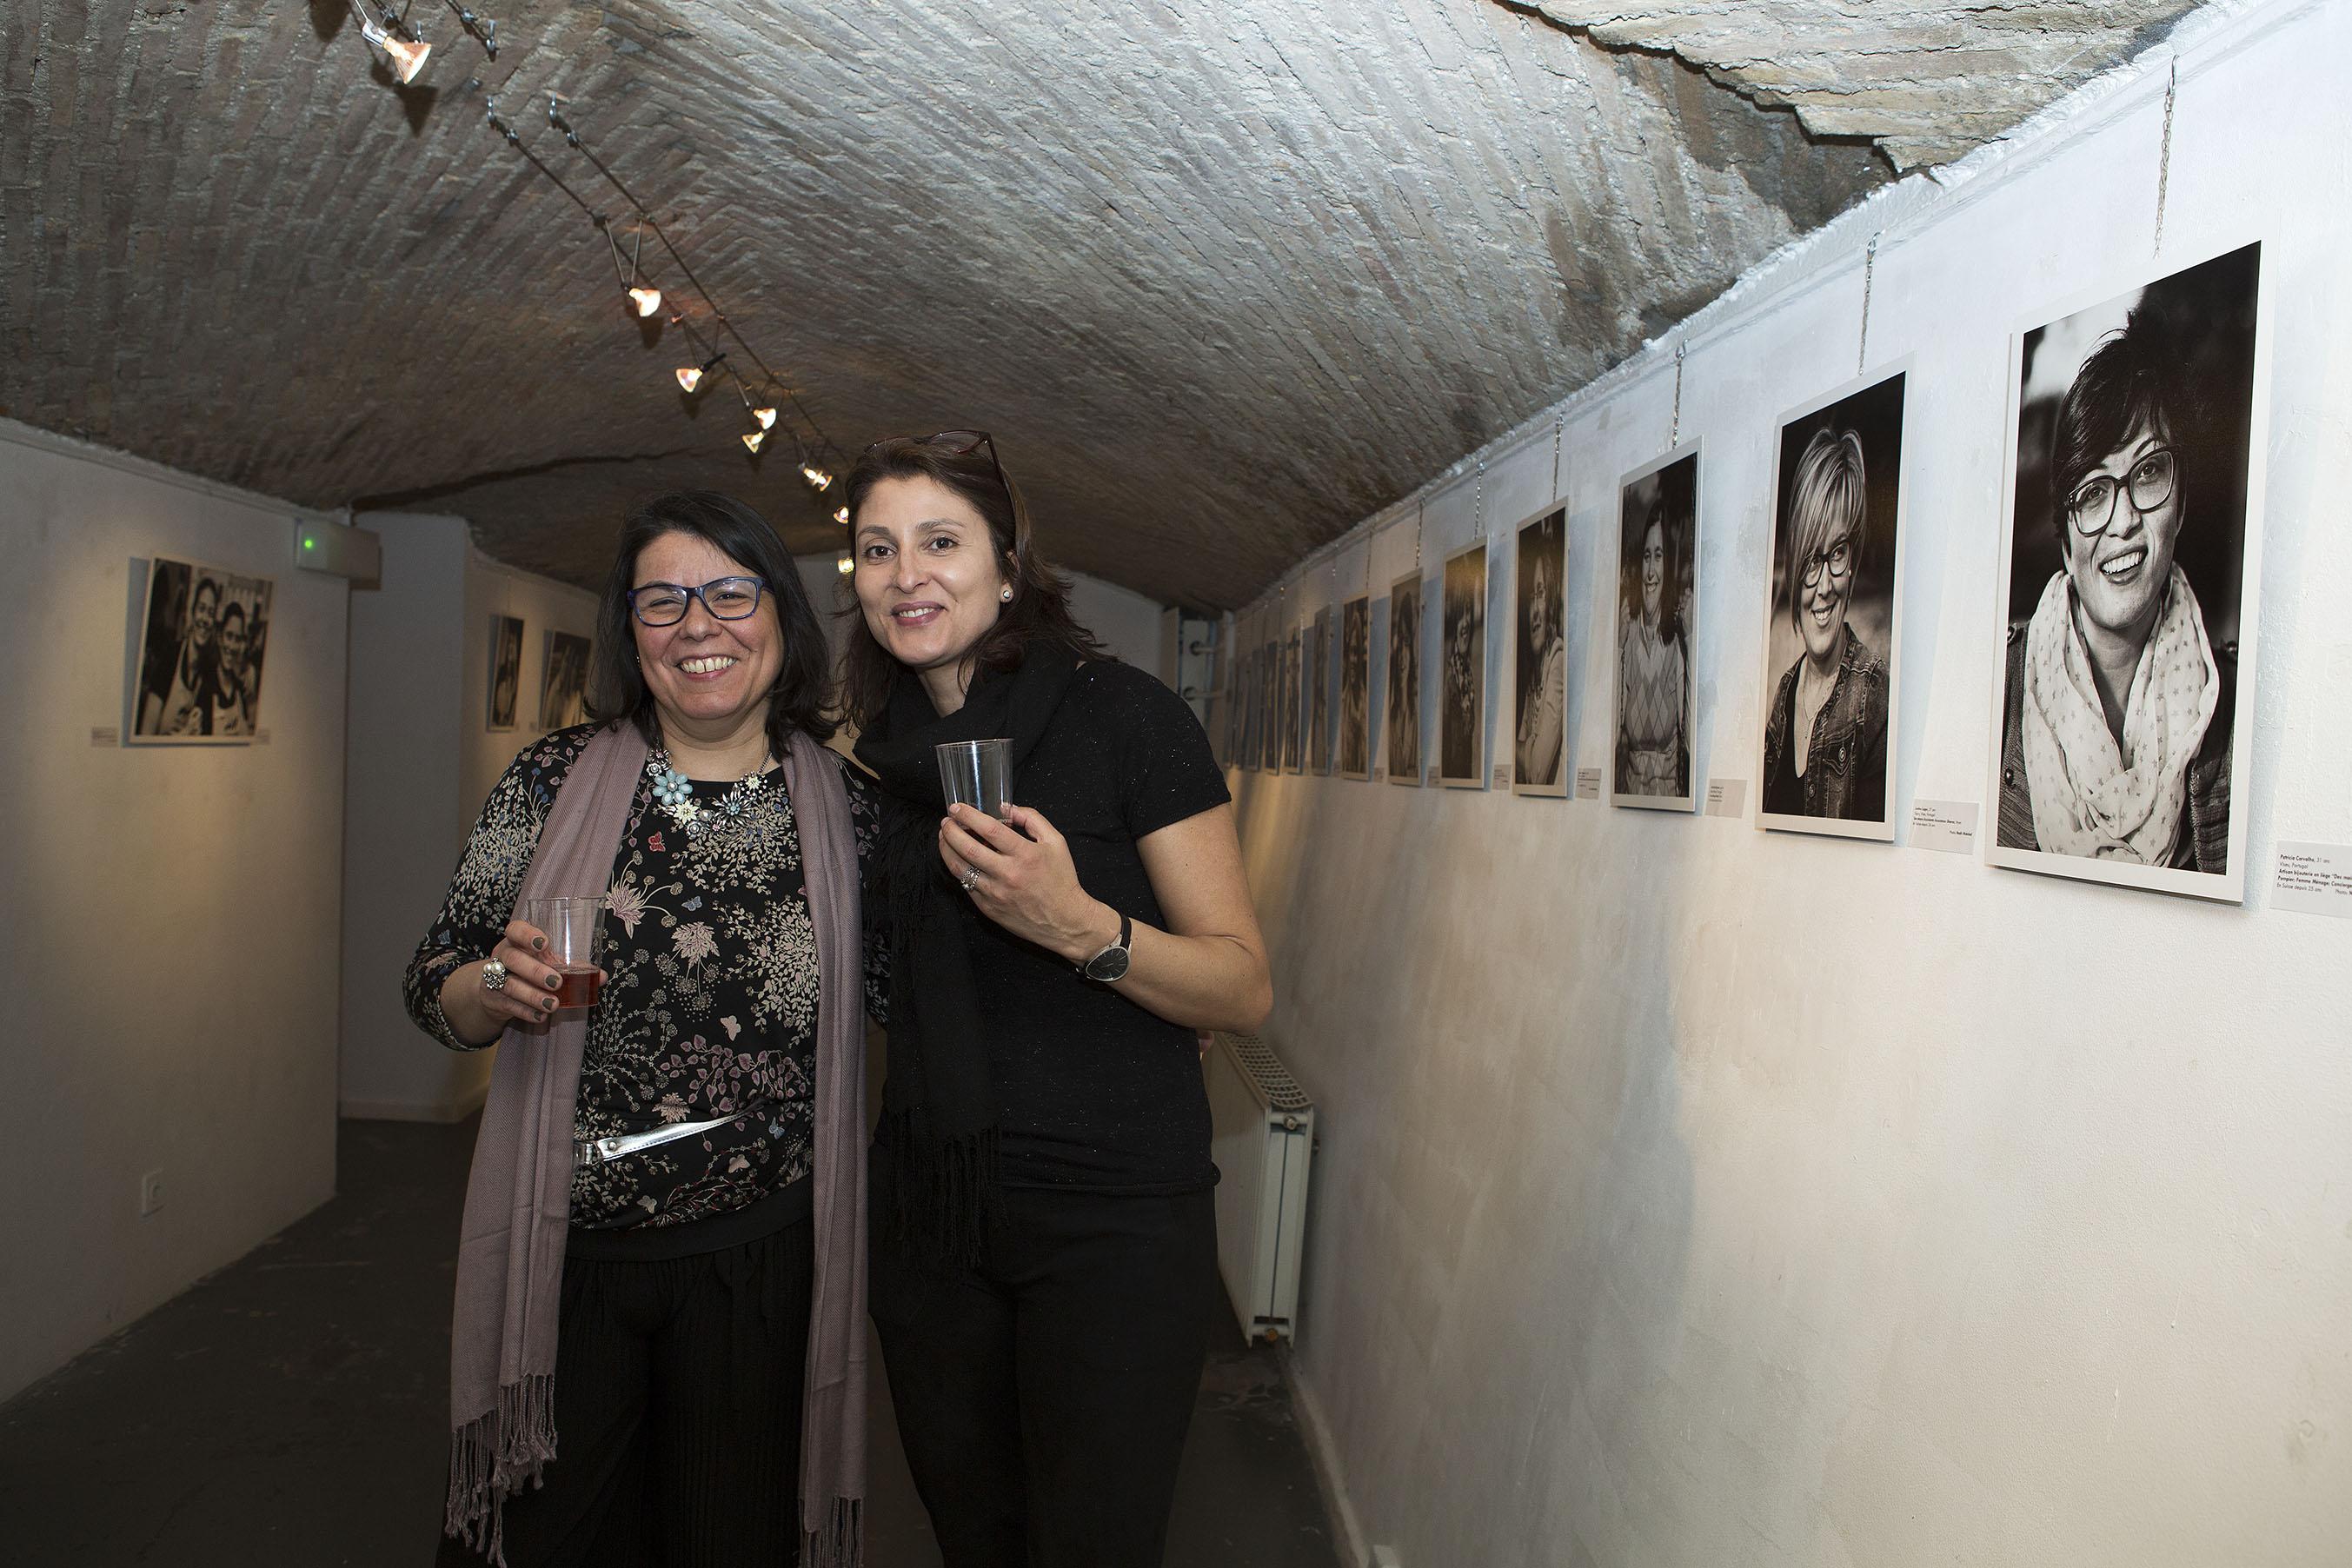 Mariana Mendes et Catarina Antunes, les deux amies à l'origine du projet, lors du vernissage de l'exposition.